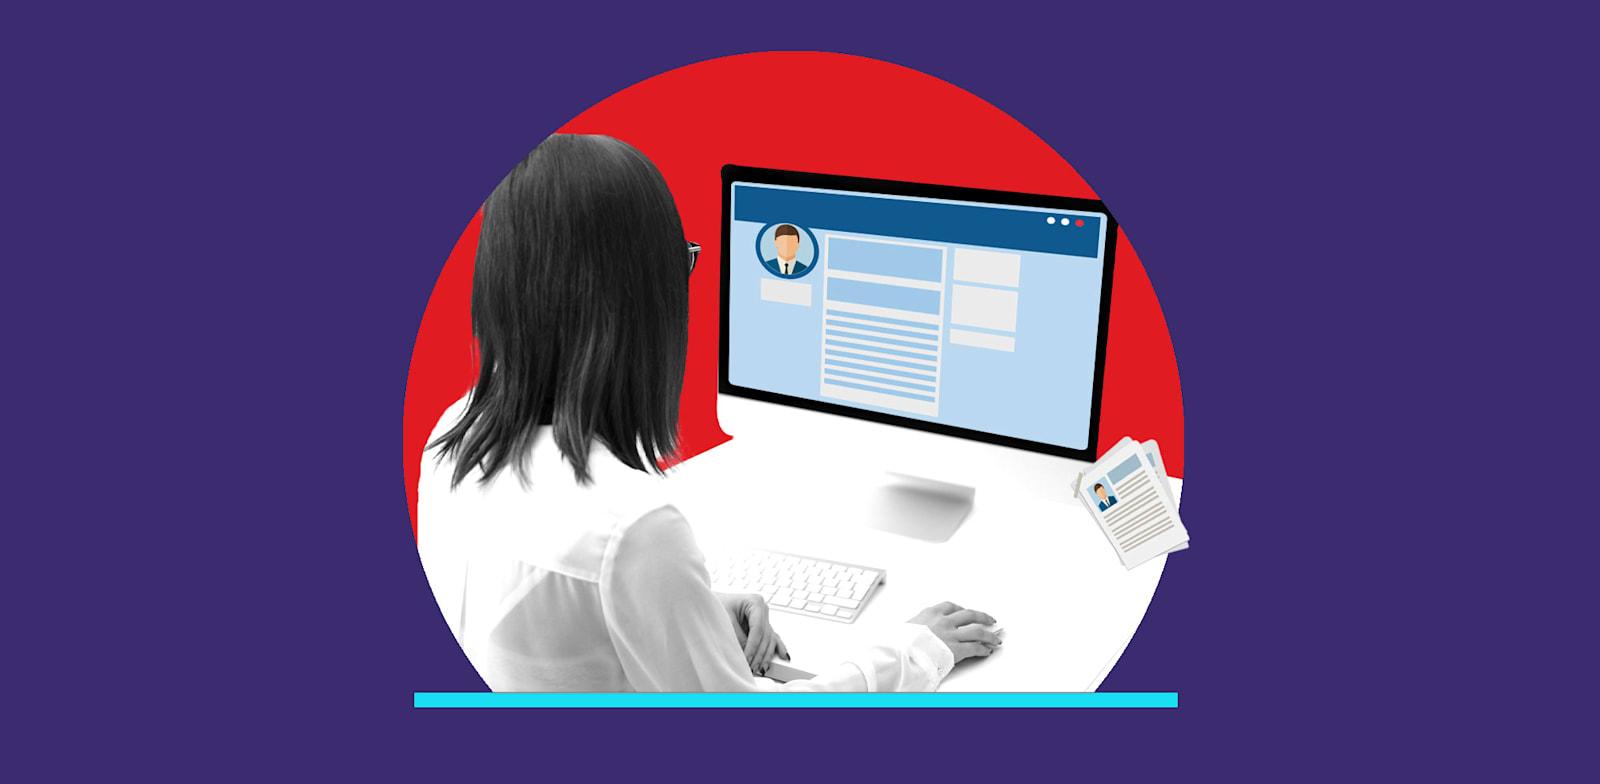 מגייסים צריכים להפסיק להסתכל ברשתות החברתיות / צילום: Shutterstock